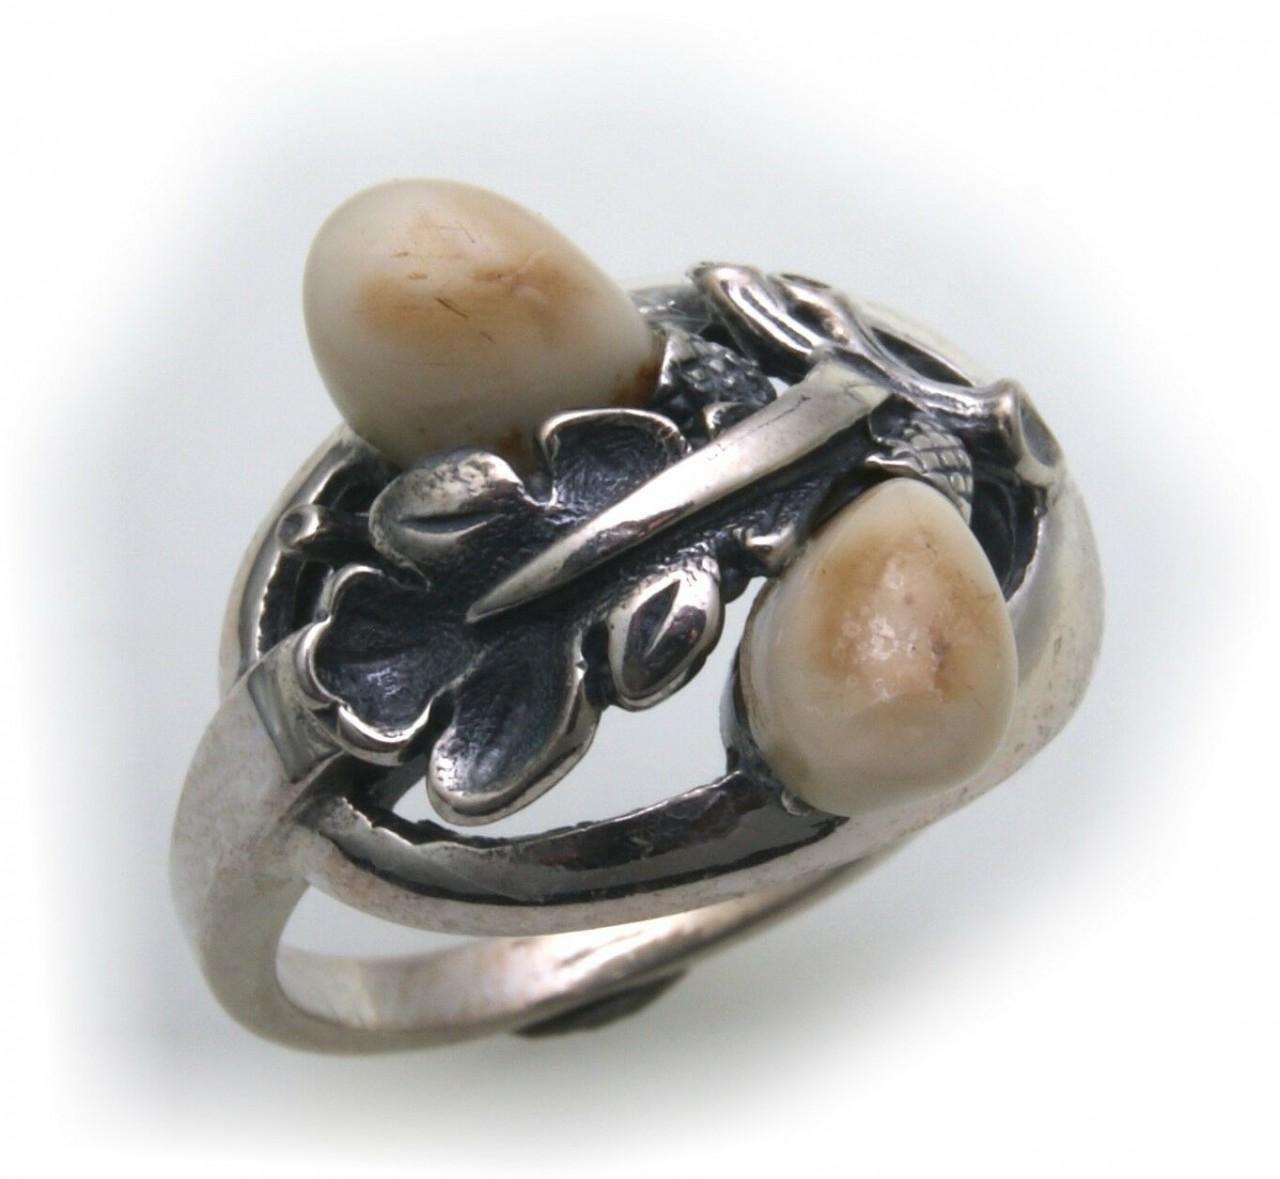 Grandel Ring echt Silber 925 Jagdschmuck Grandelschmuck Grandelring 6